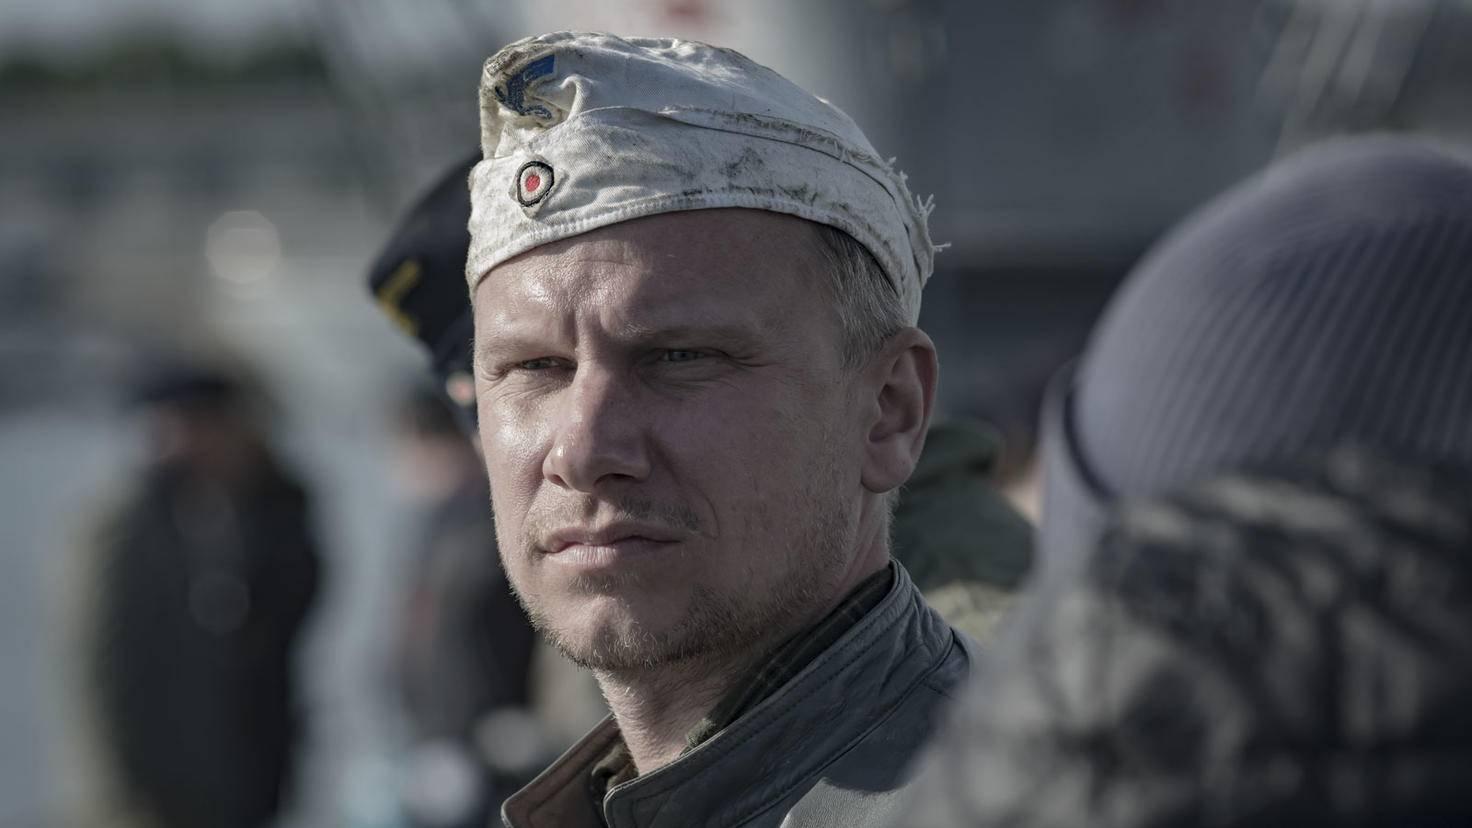 Robert Stadlober hat es sich als Hinrich in der U-Boot-Küche gemütlich gemacht.